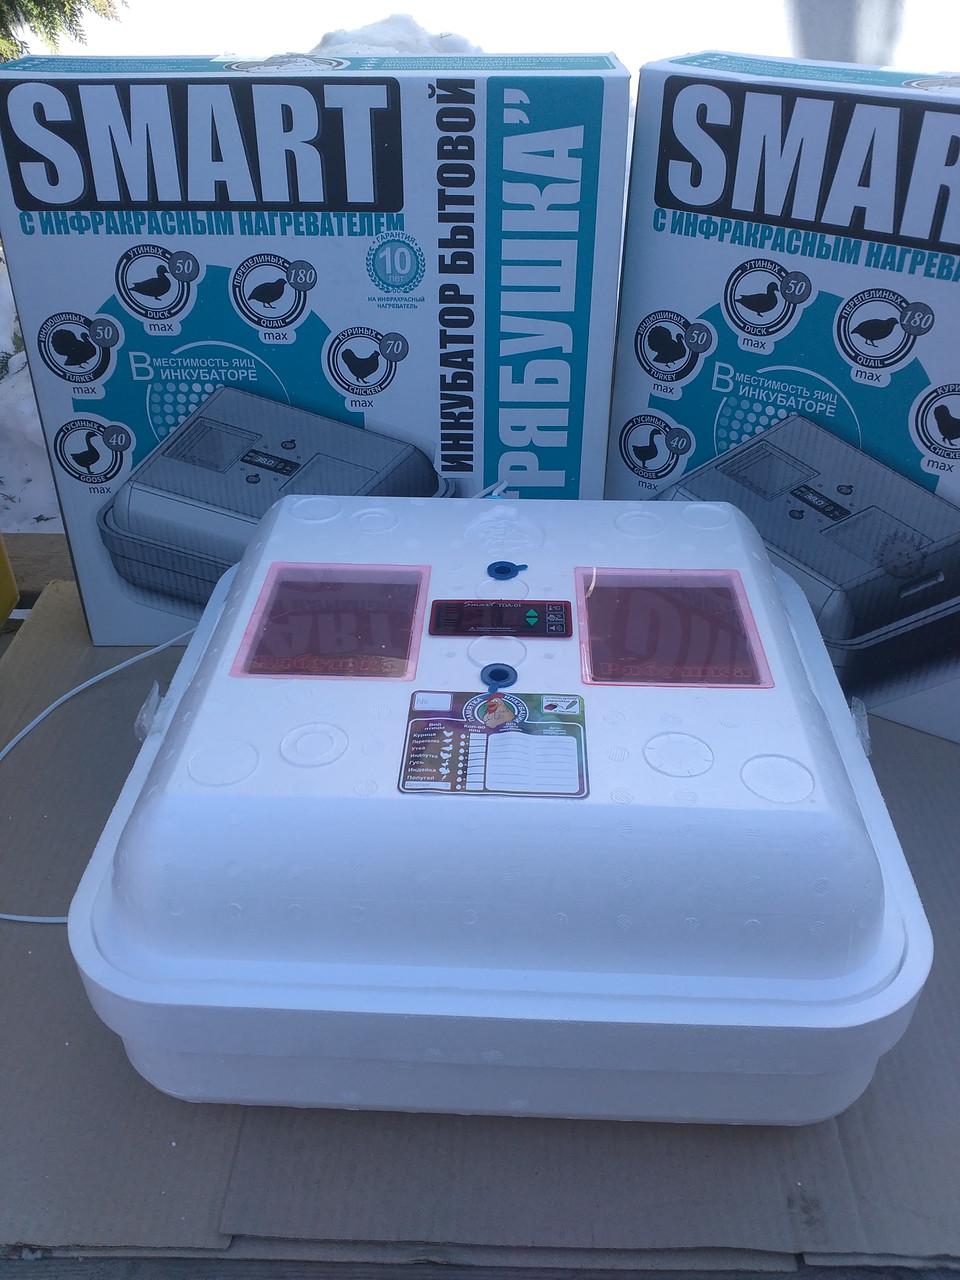 Инкубатор для яиц Рябушка Smart Plus - 70 цифровой с механическим переворотом и инфракрасным нагревателем